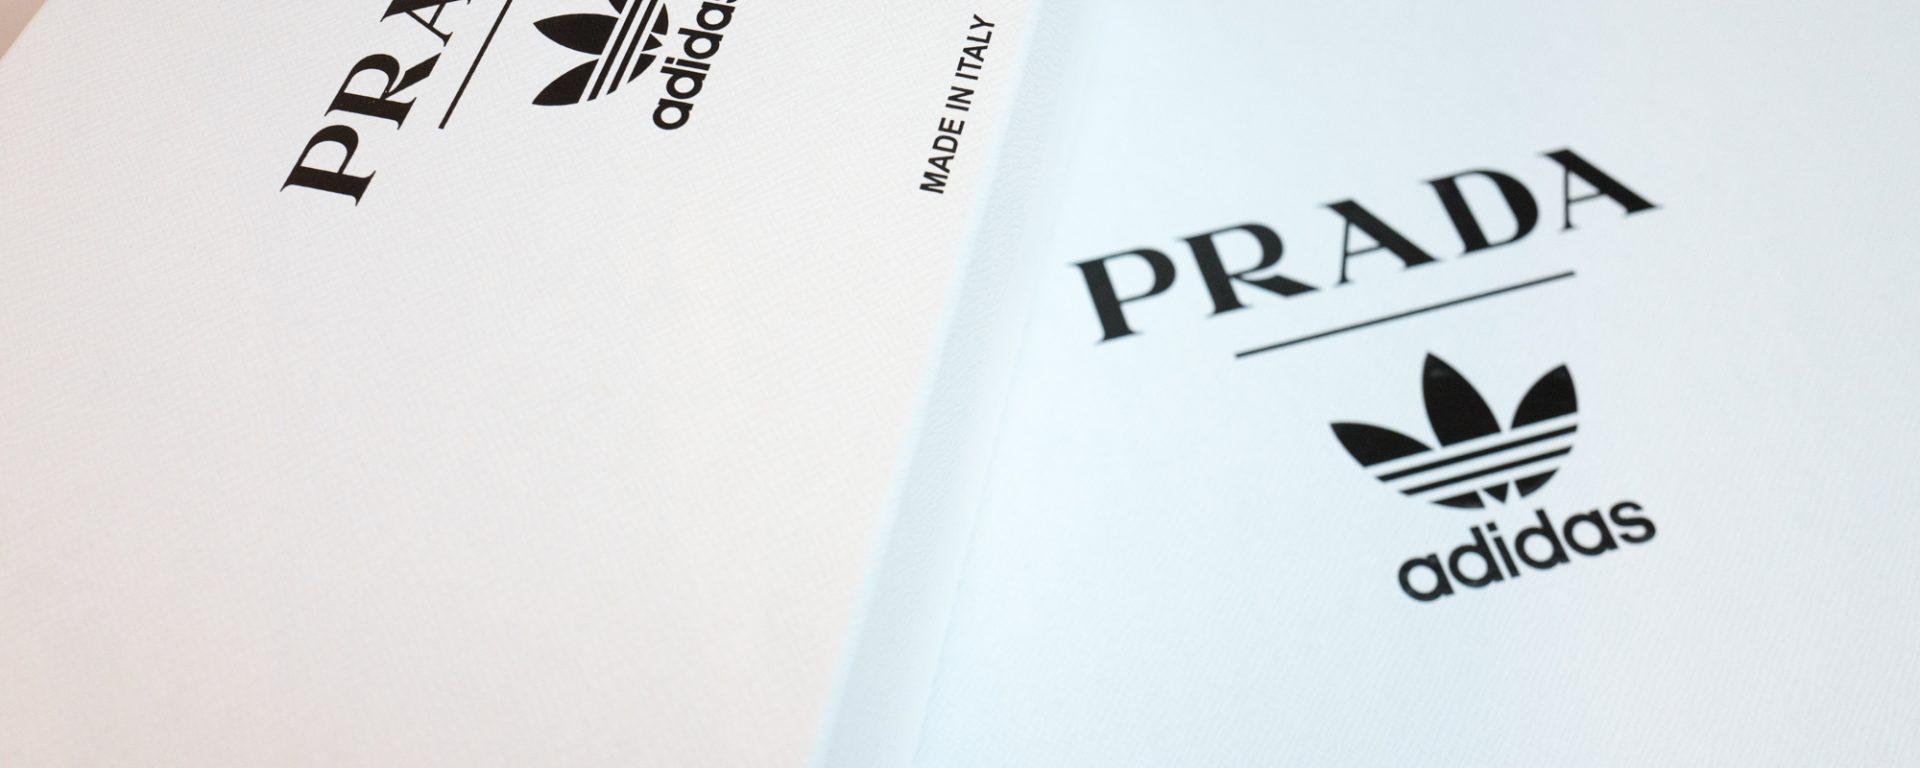 Prada X Adidas Limited edition